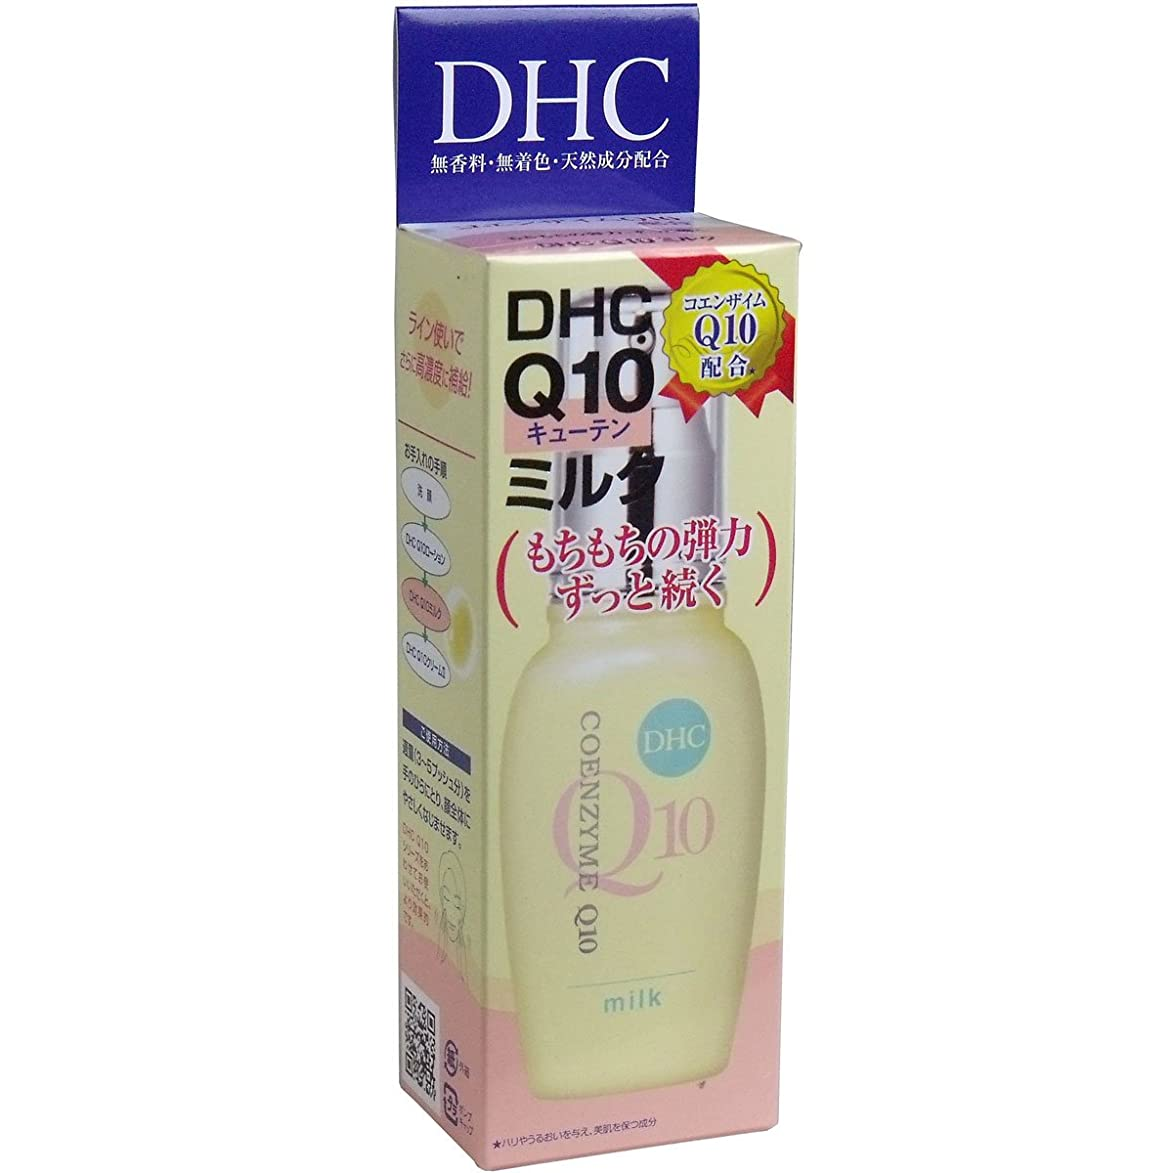 雇用者専門知識三角【DHC】DHC Q10ミルク(SS) 40ml ×5個セット